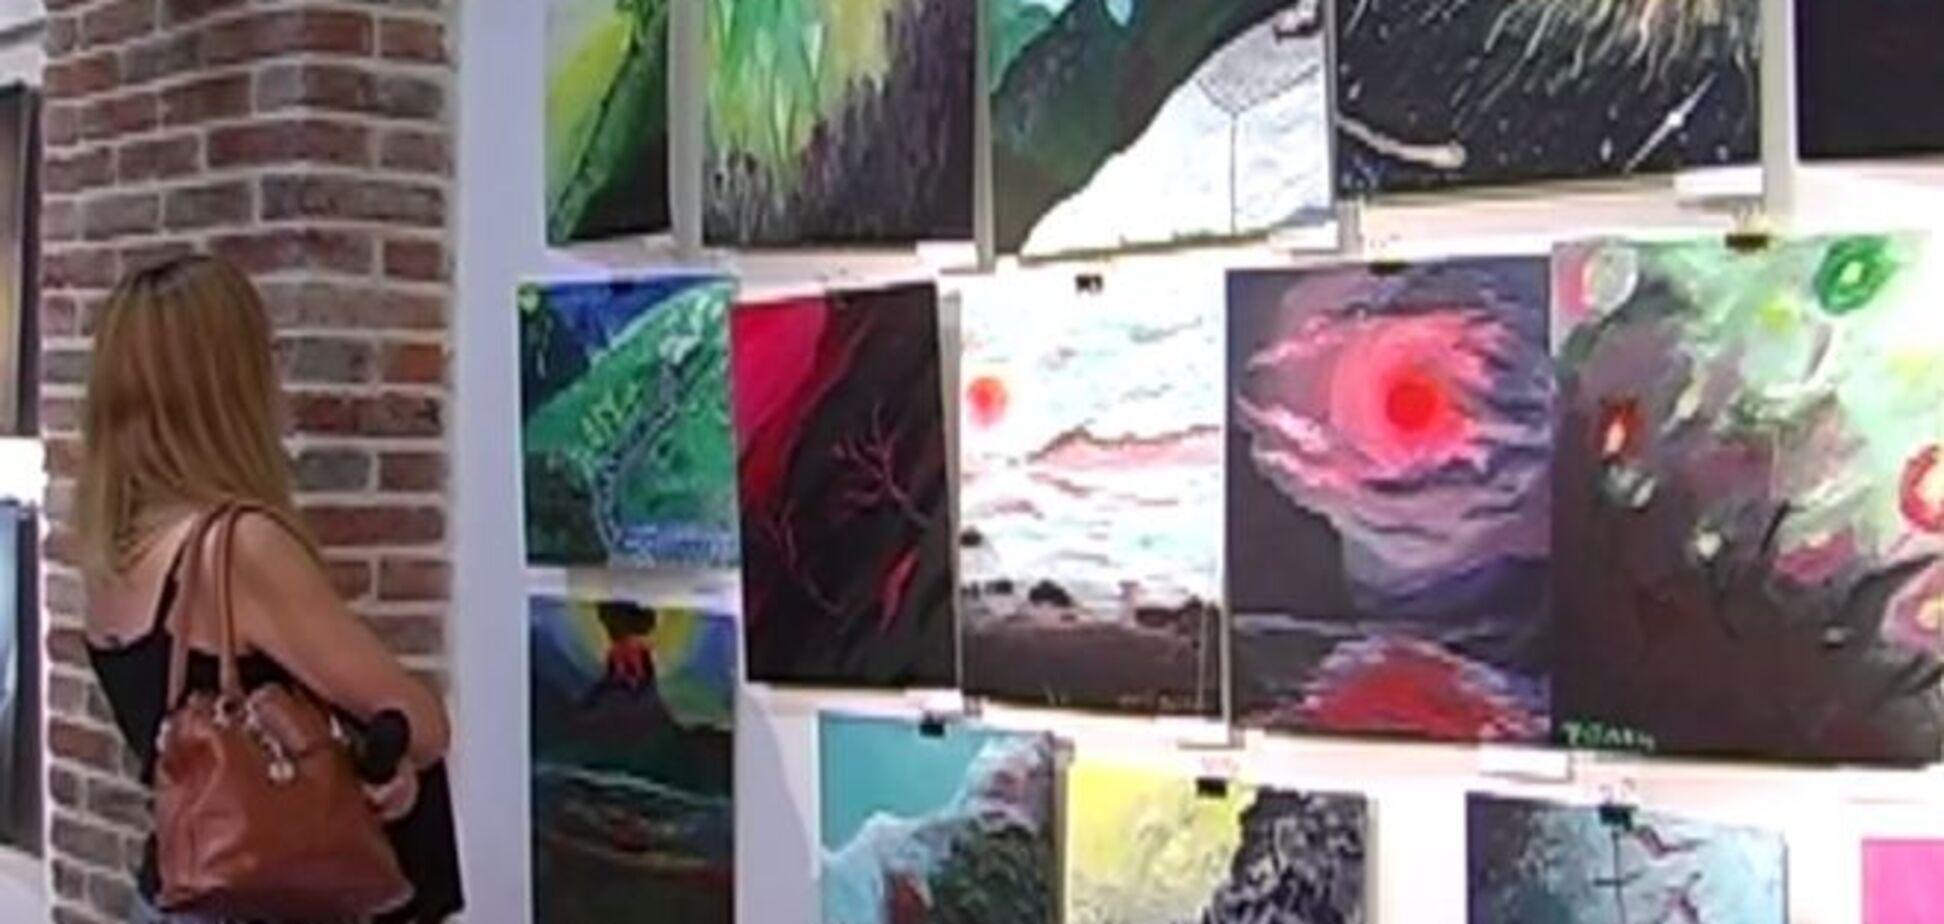 Бійців АТО будуть реабілітовувати за допомогою мистецтва